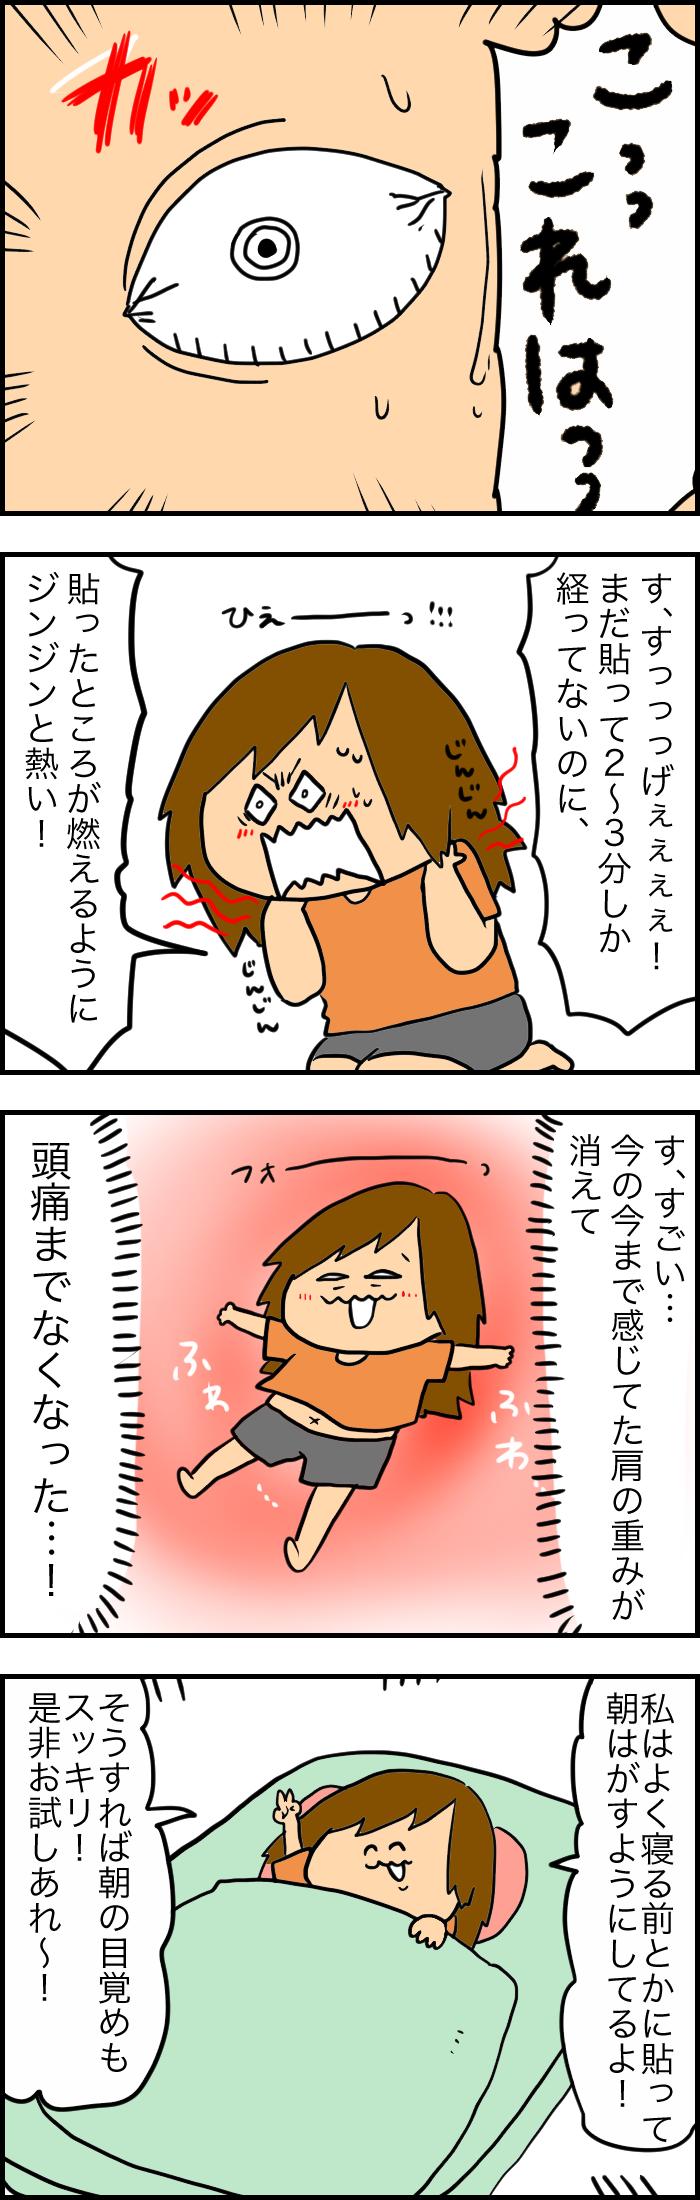 ツボ 気圧 頭痛